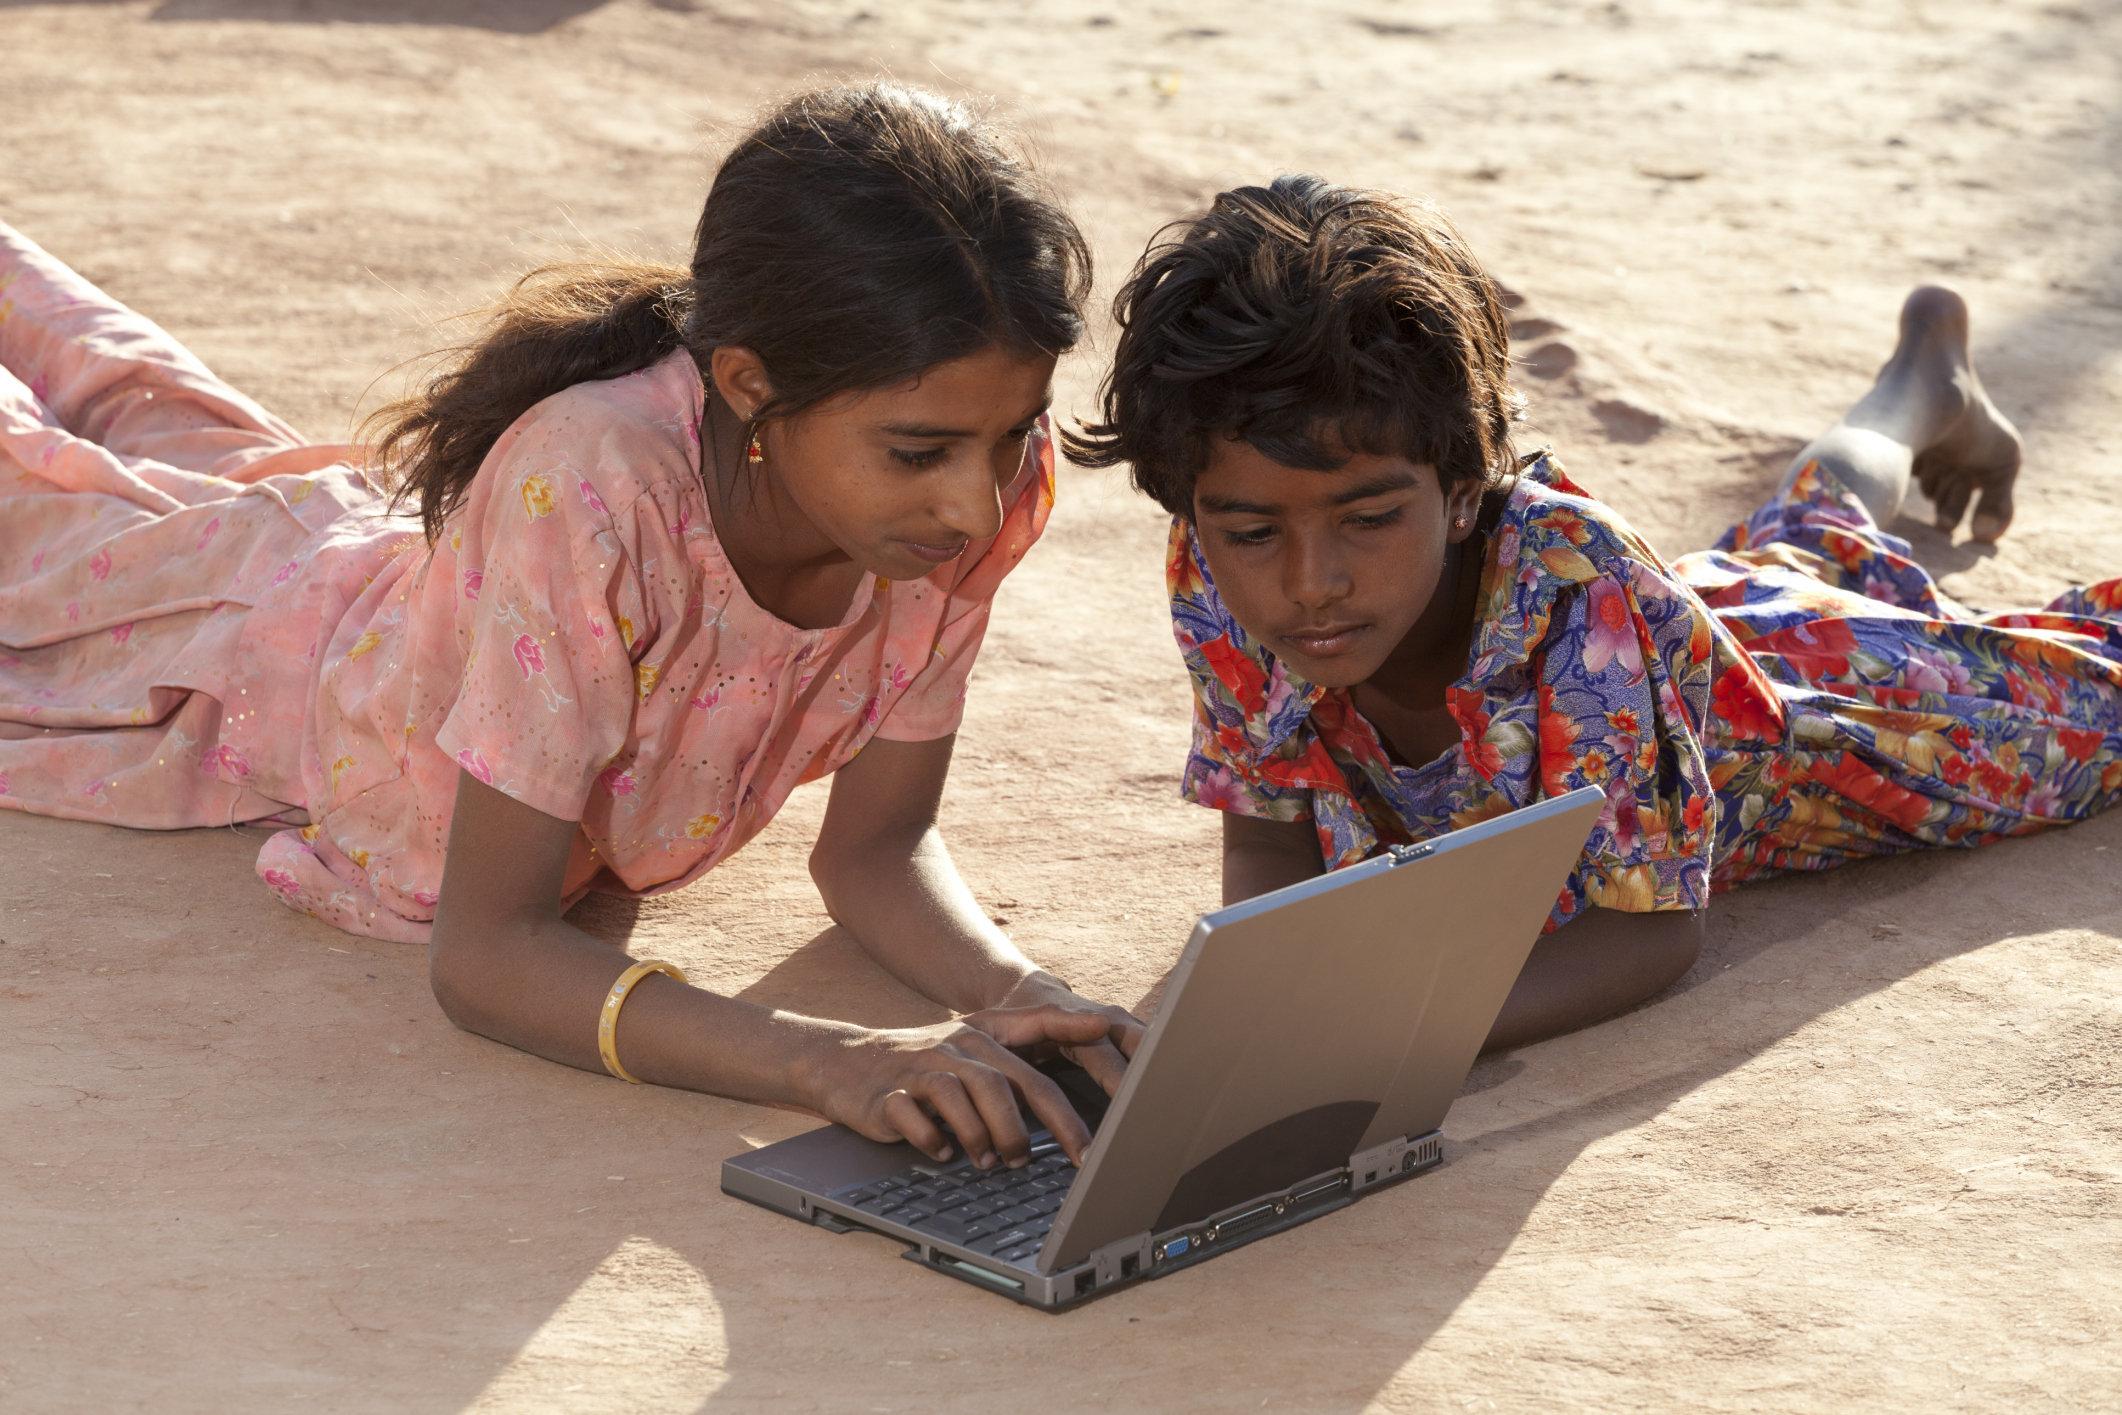 India, Rajasthan, Jodhpur, two village girls using laptop